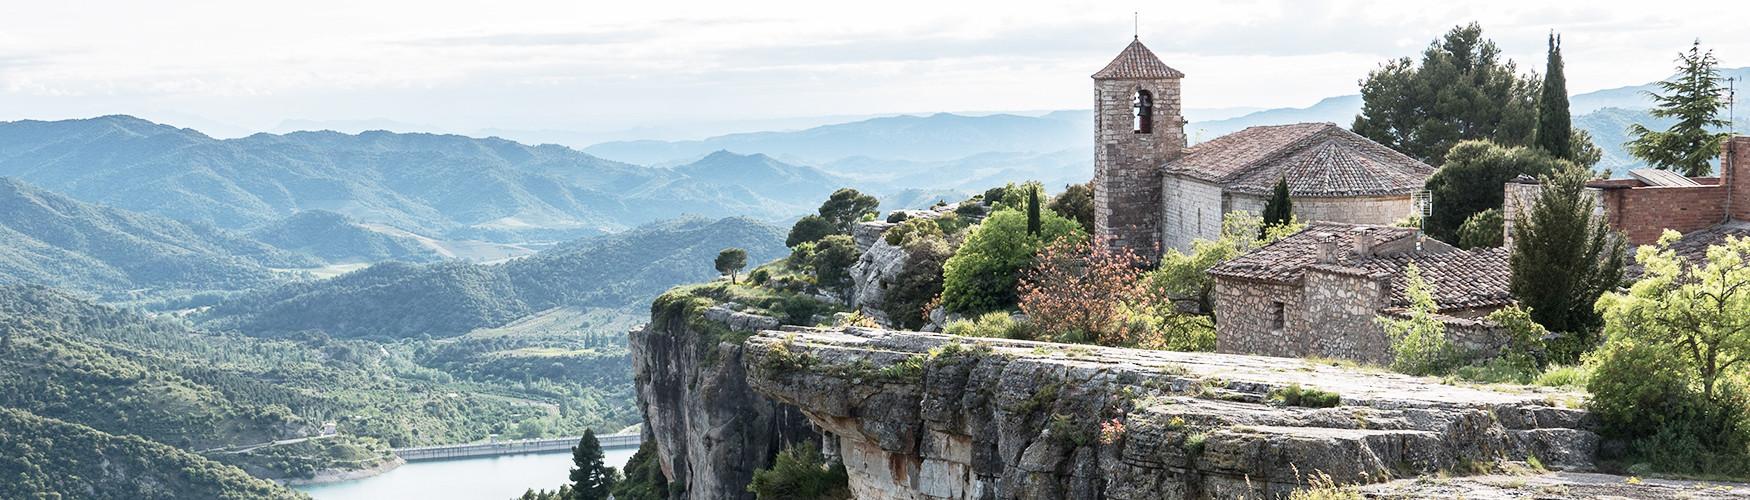 Kletterreise Katalonien, Siurana